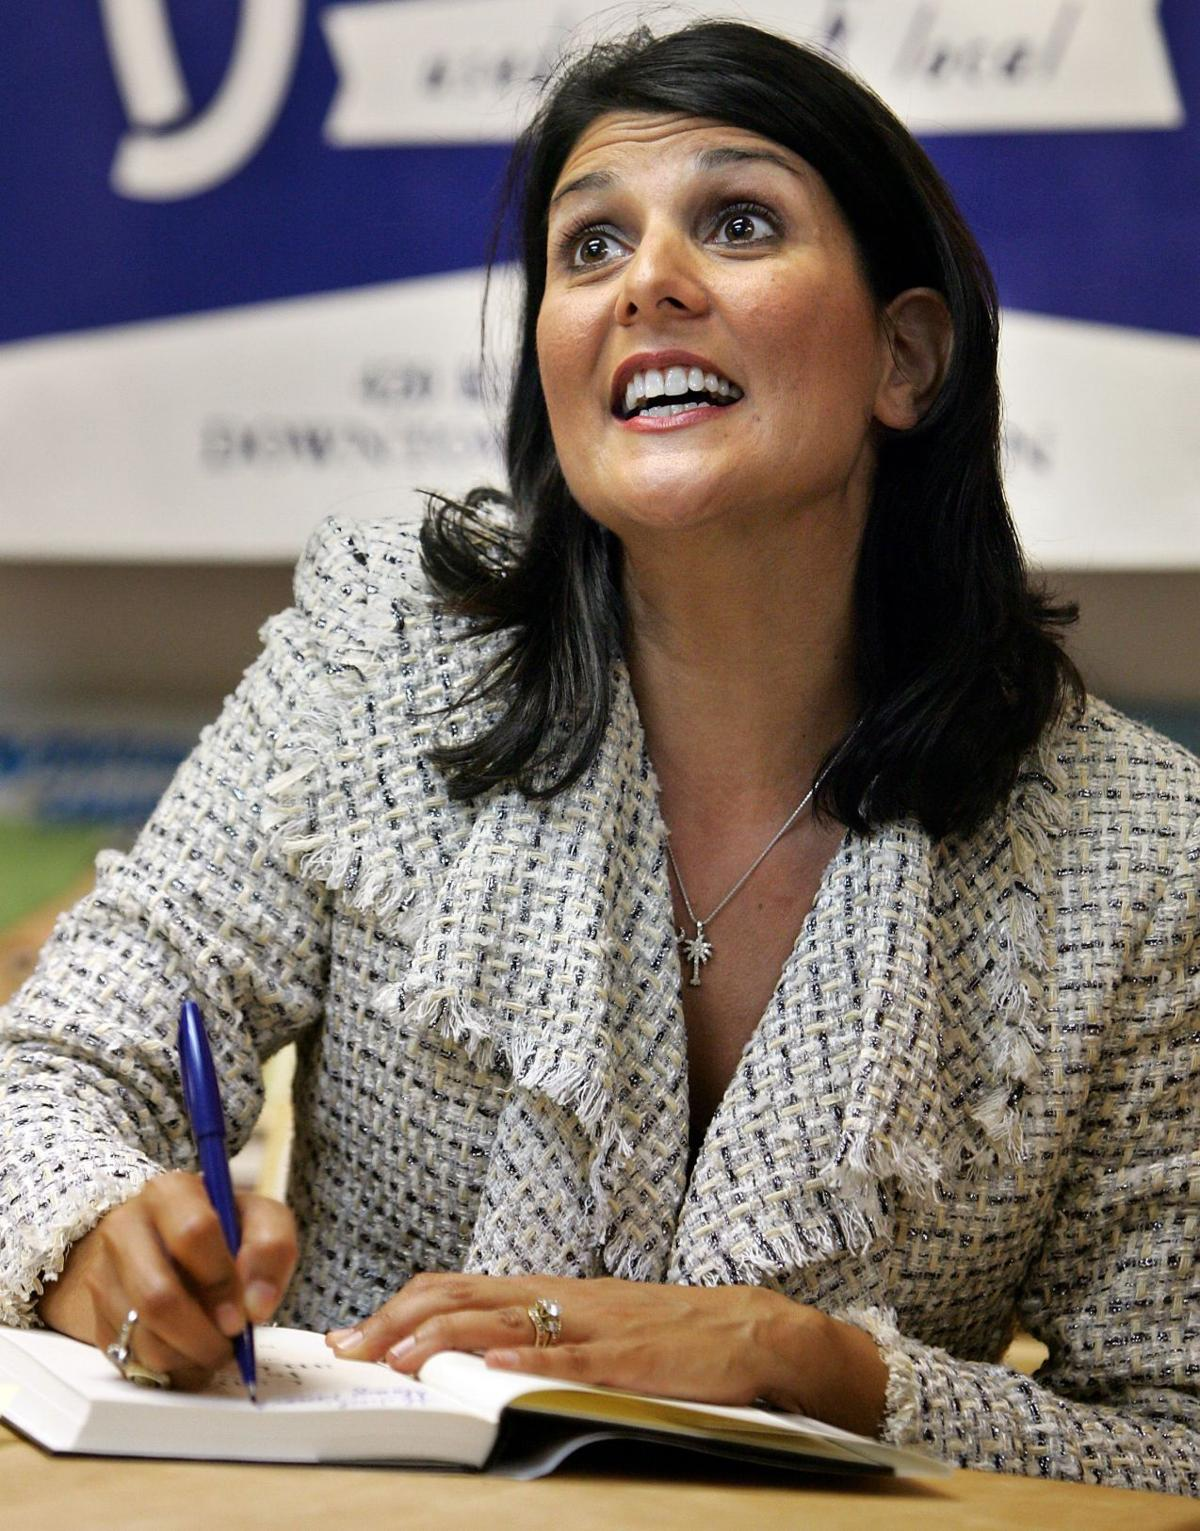 Signing has supporters, detractors